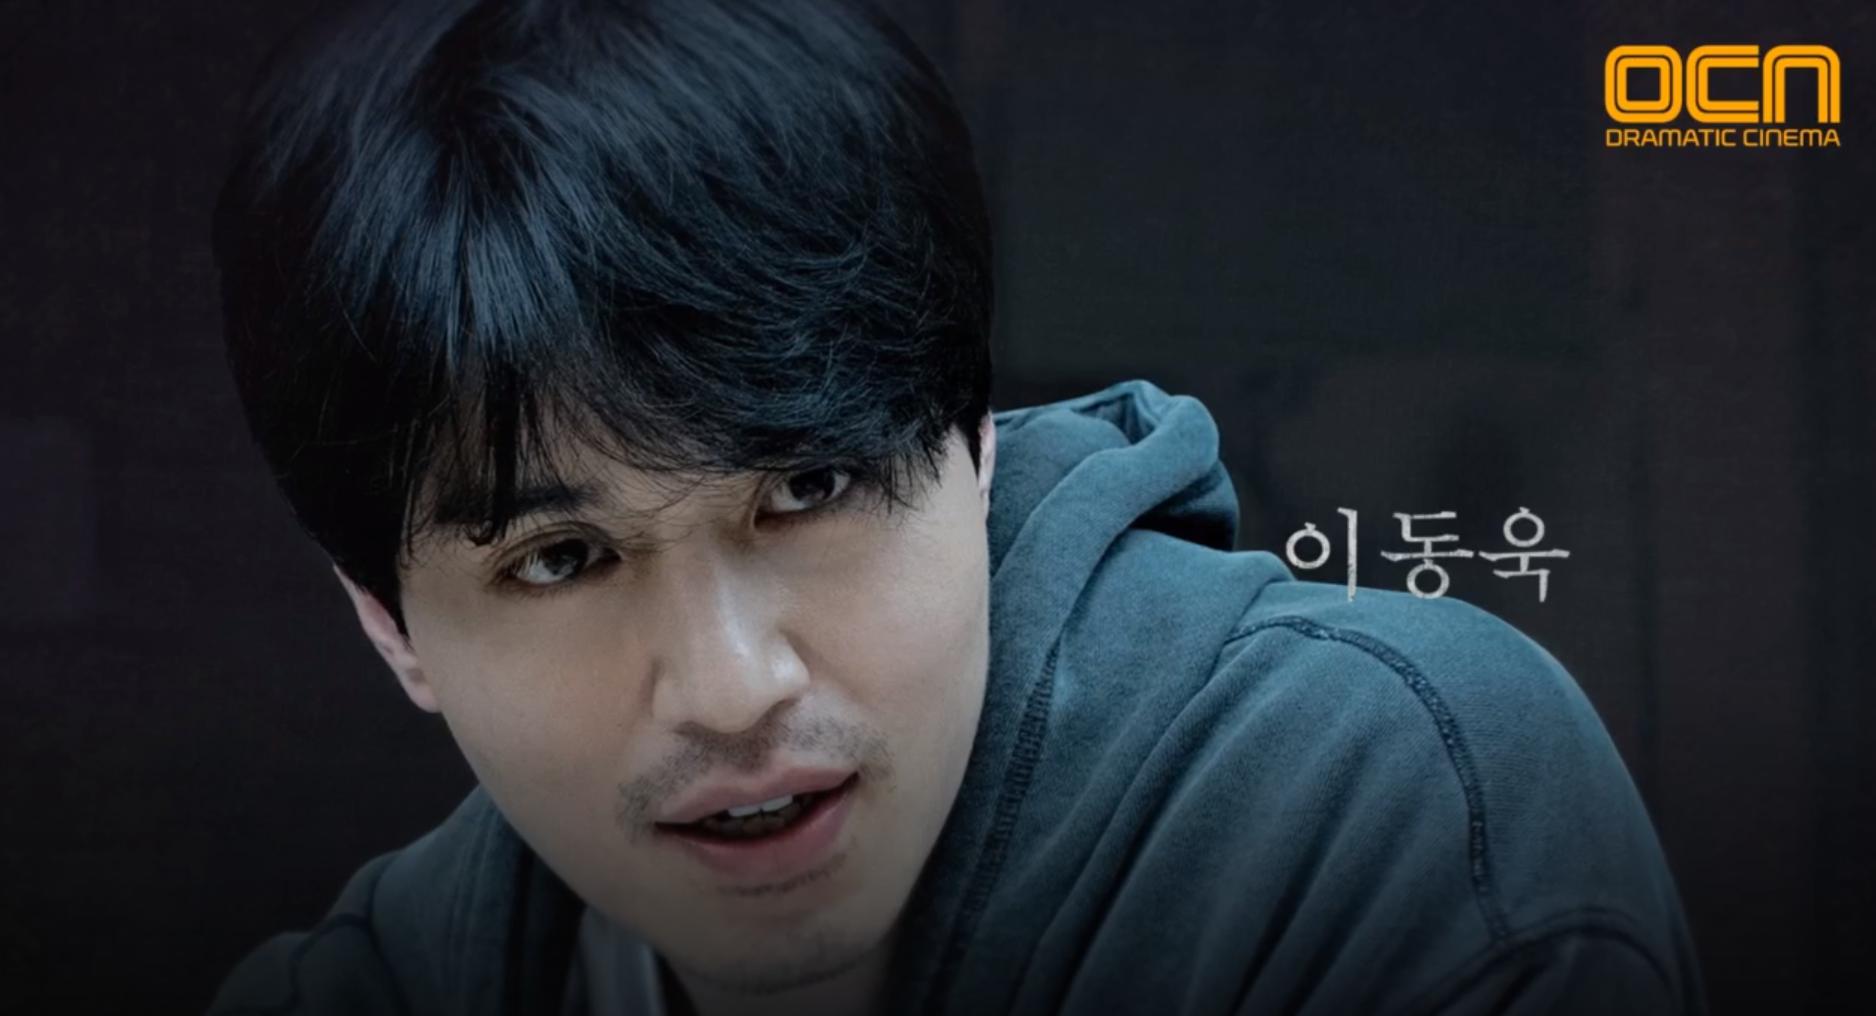 Đặt lên bàn cân các dự án sau xuất ngũ của loạt nam thần xứ Hàn, ai sẽ tái xuất hoành tráng nhất? - Ảnh 7.